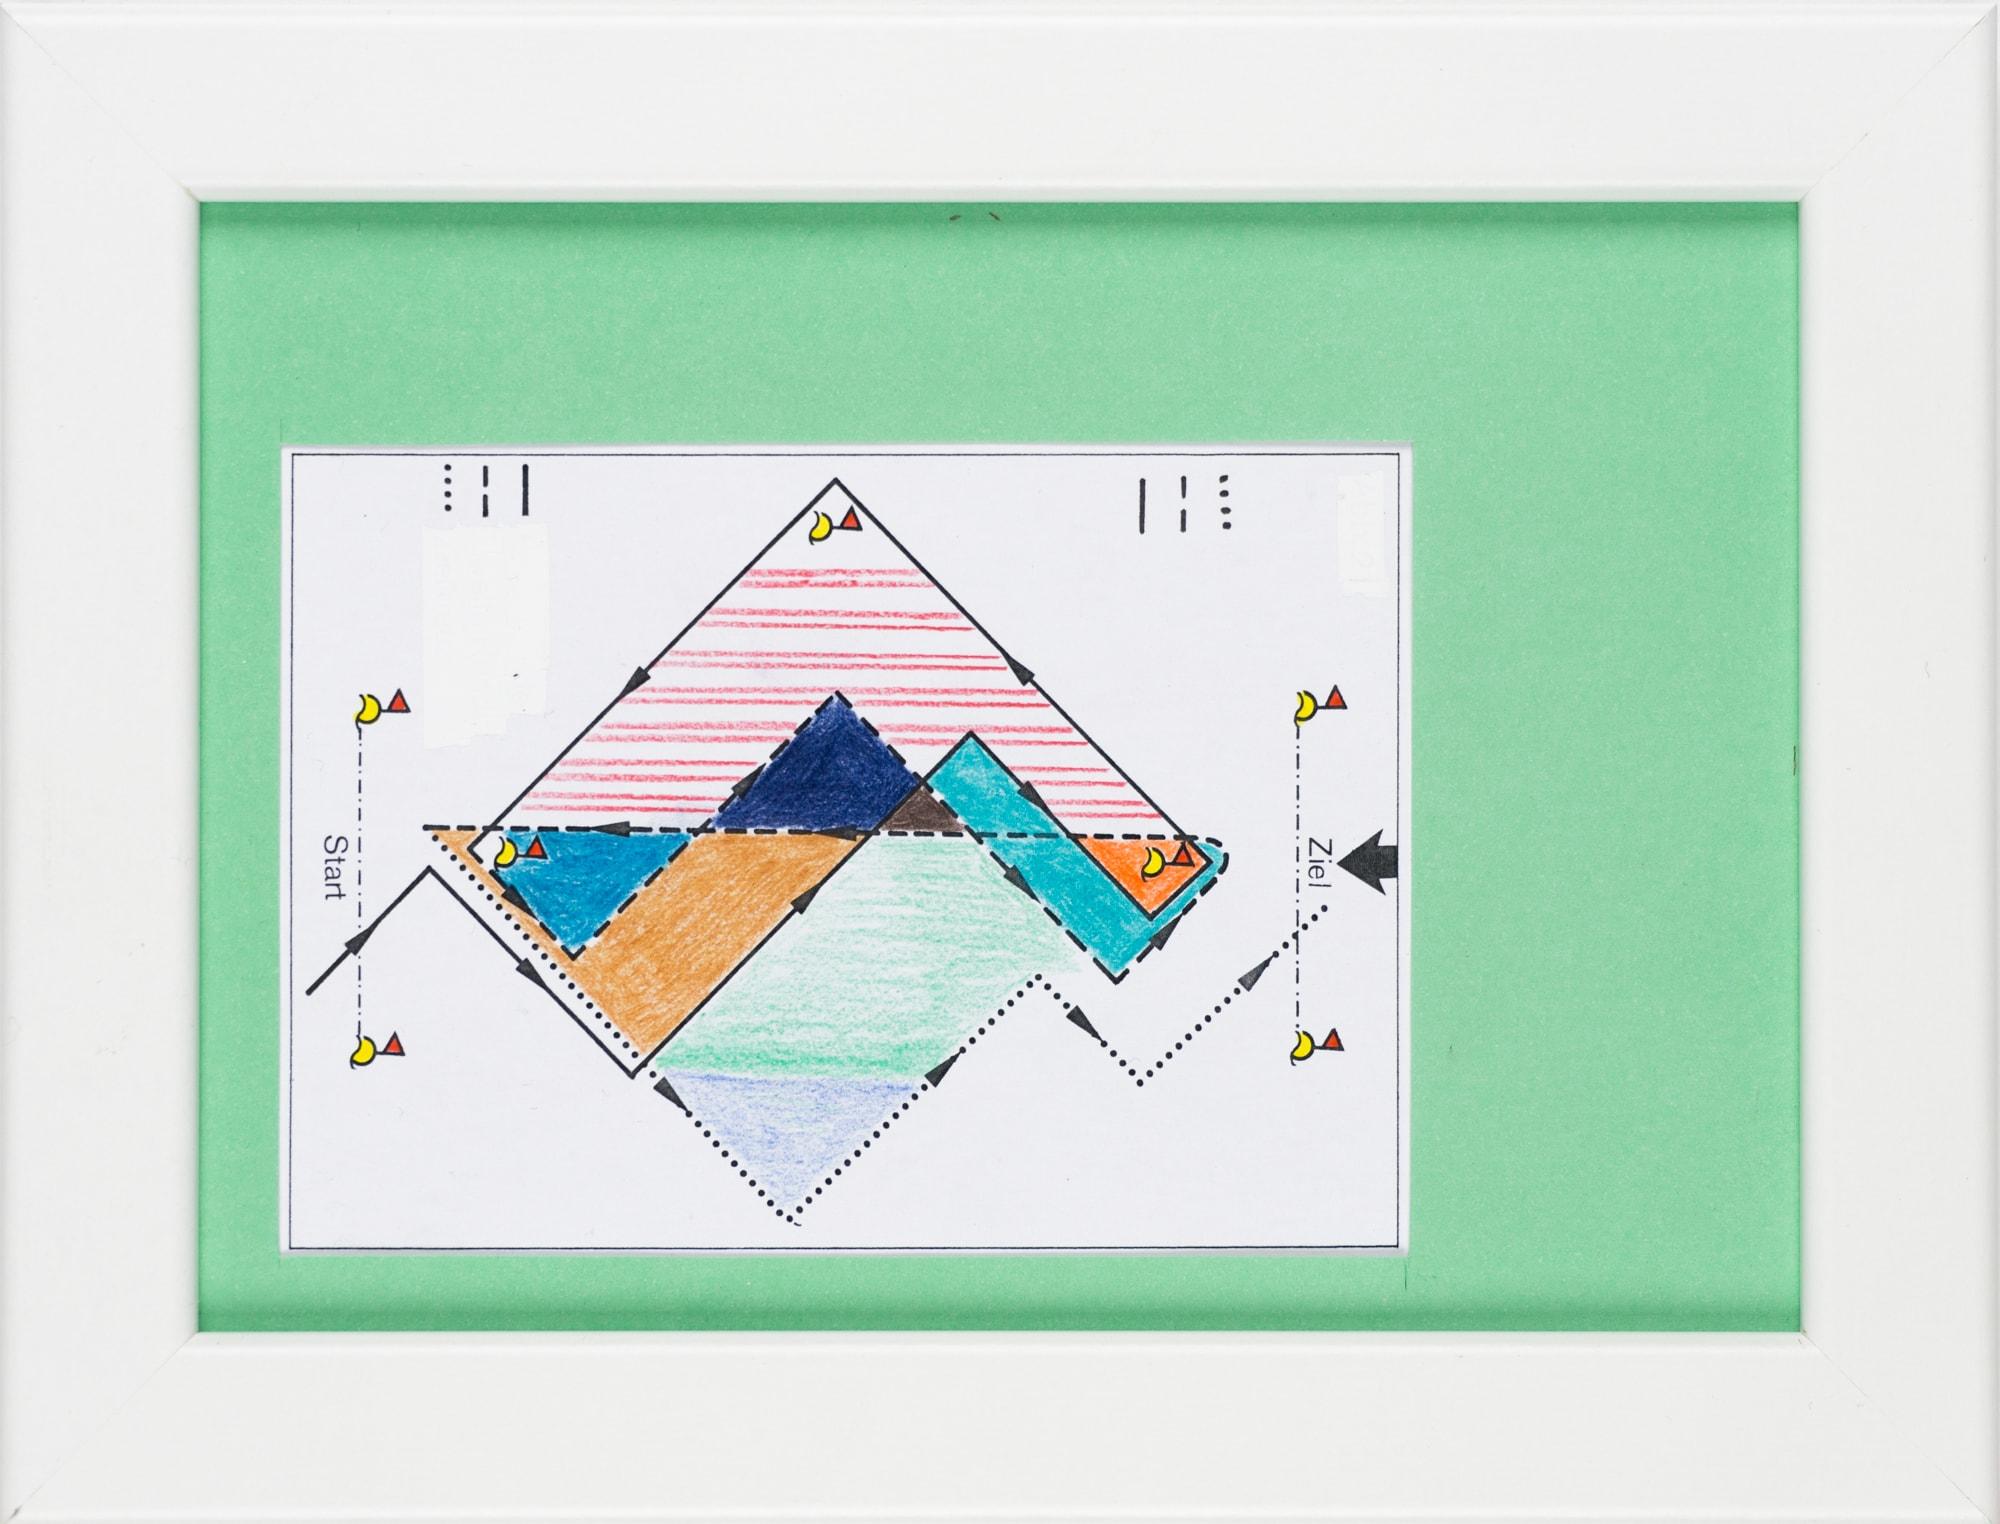 Übermalung und Mischtechnik auf Papier, 12x8,7cm, Originalgrafik zum gleichnamigen Booklet, Künstlerin: Franziska King